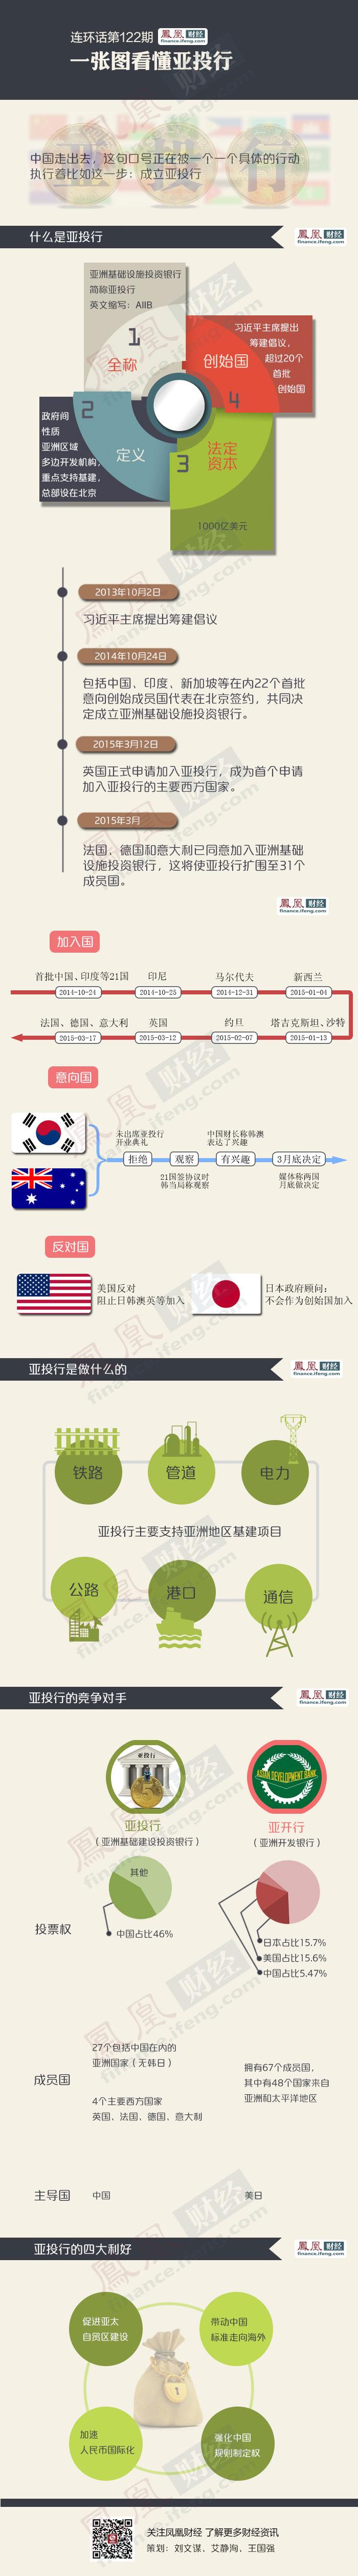 一张图看懂亚投行 - zhaozhao - zhaozhao的博客